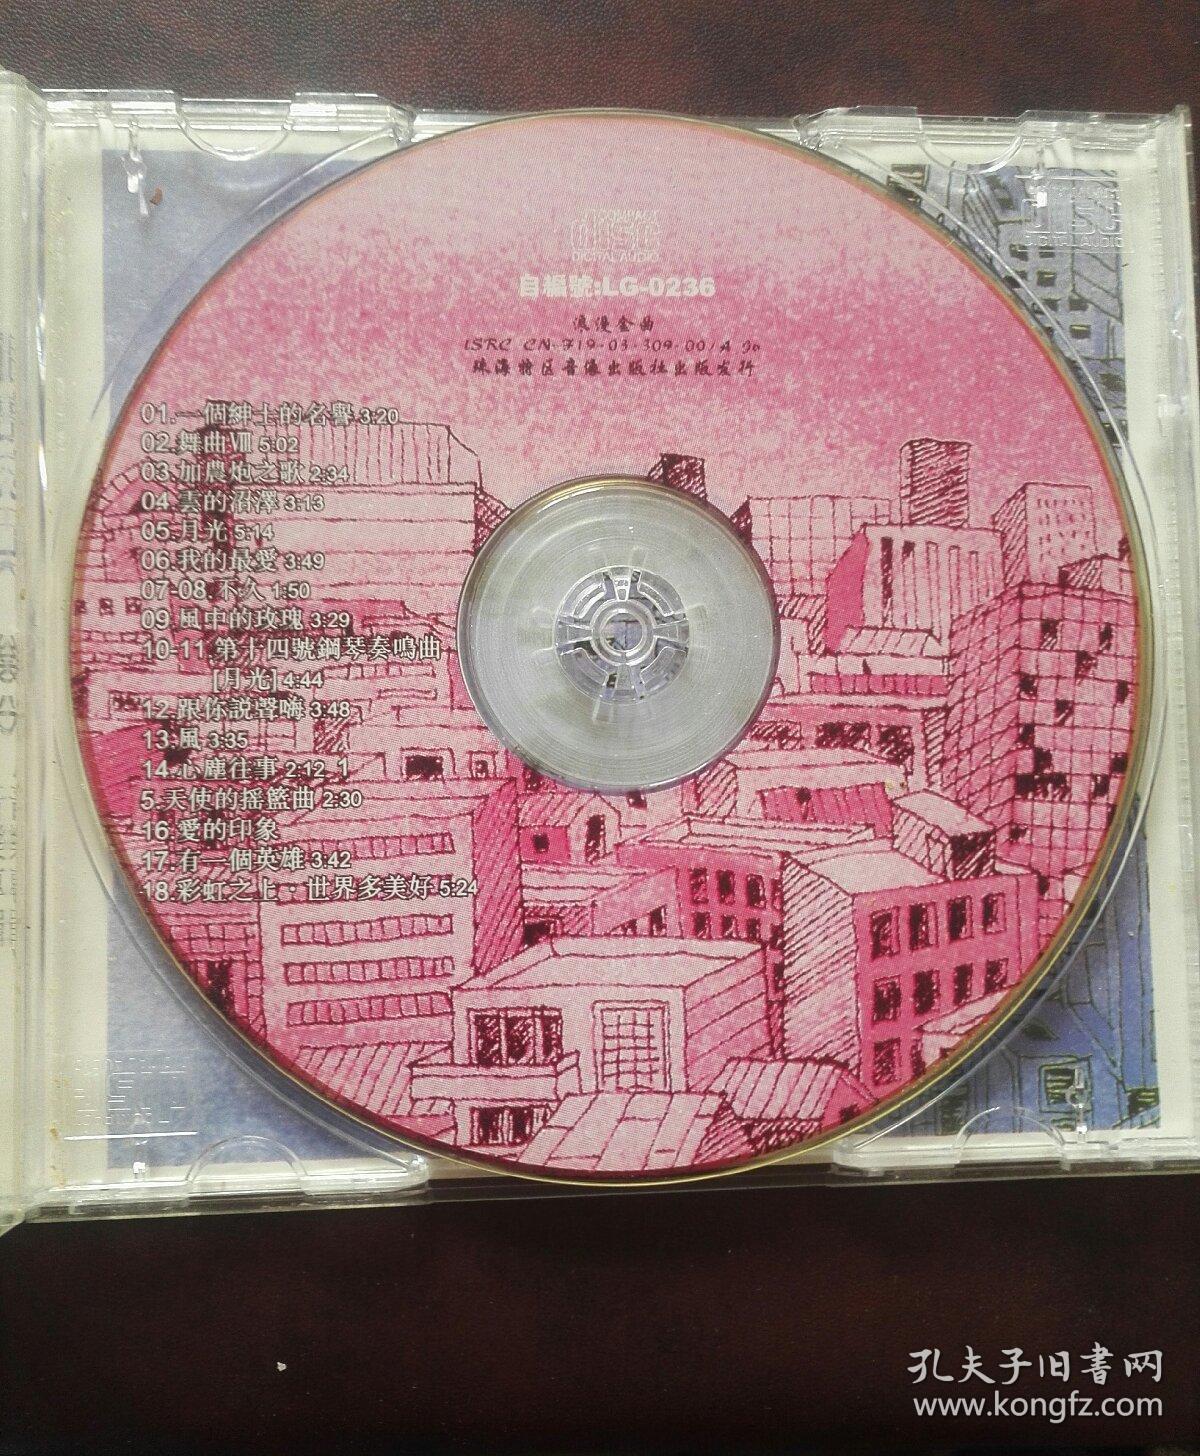 月亮忘记了表情〈音乐专辑〉本cd母带经由美国silverlinerecords微音几米机器猫微的信图片包大全图片